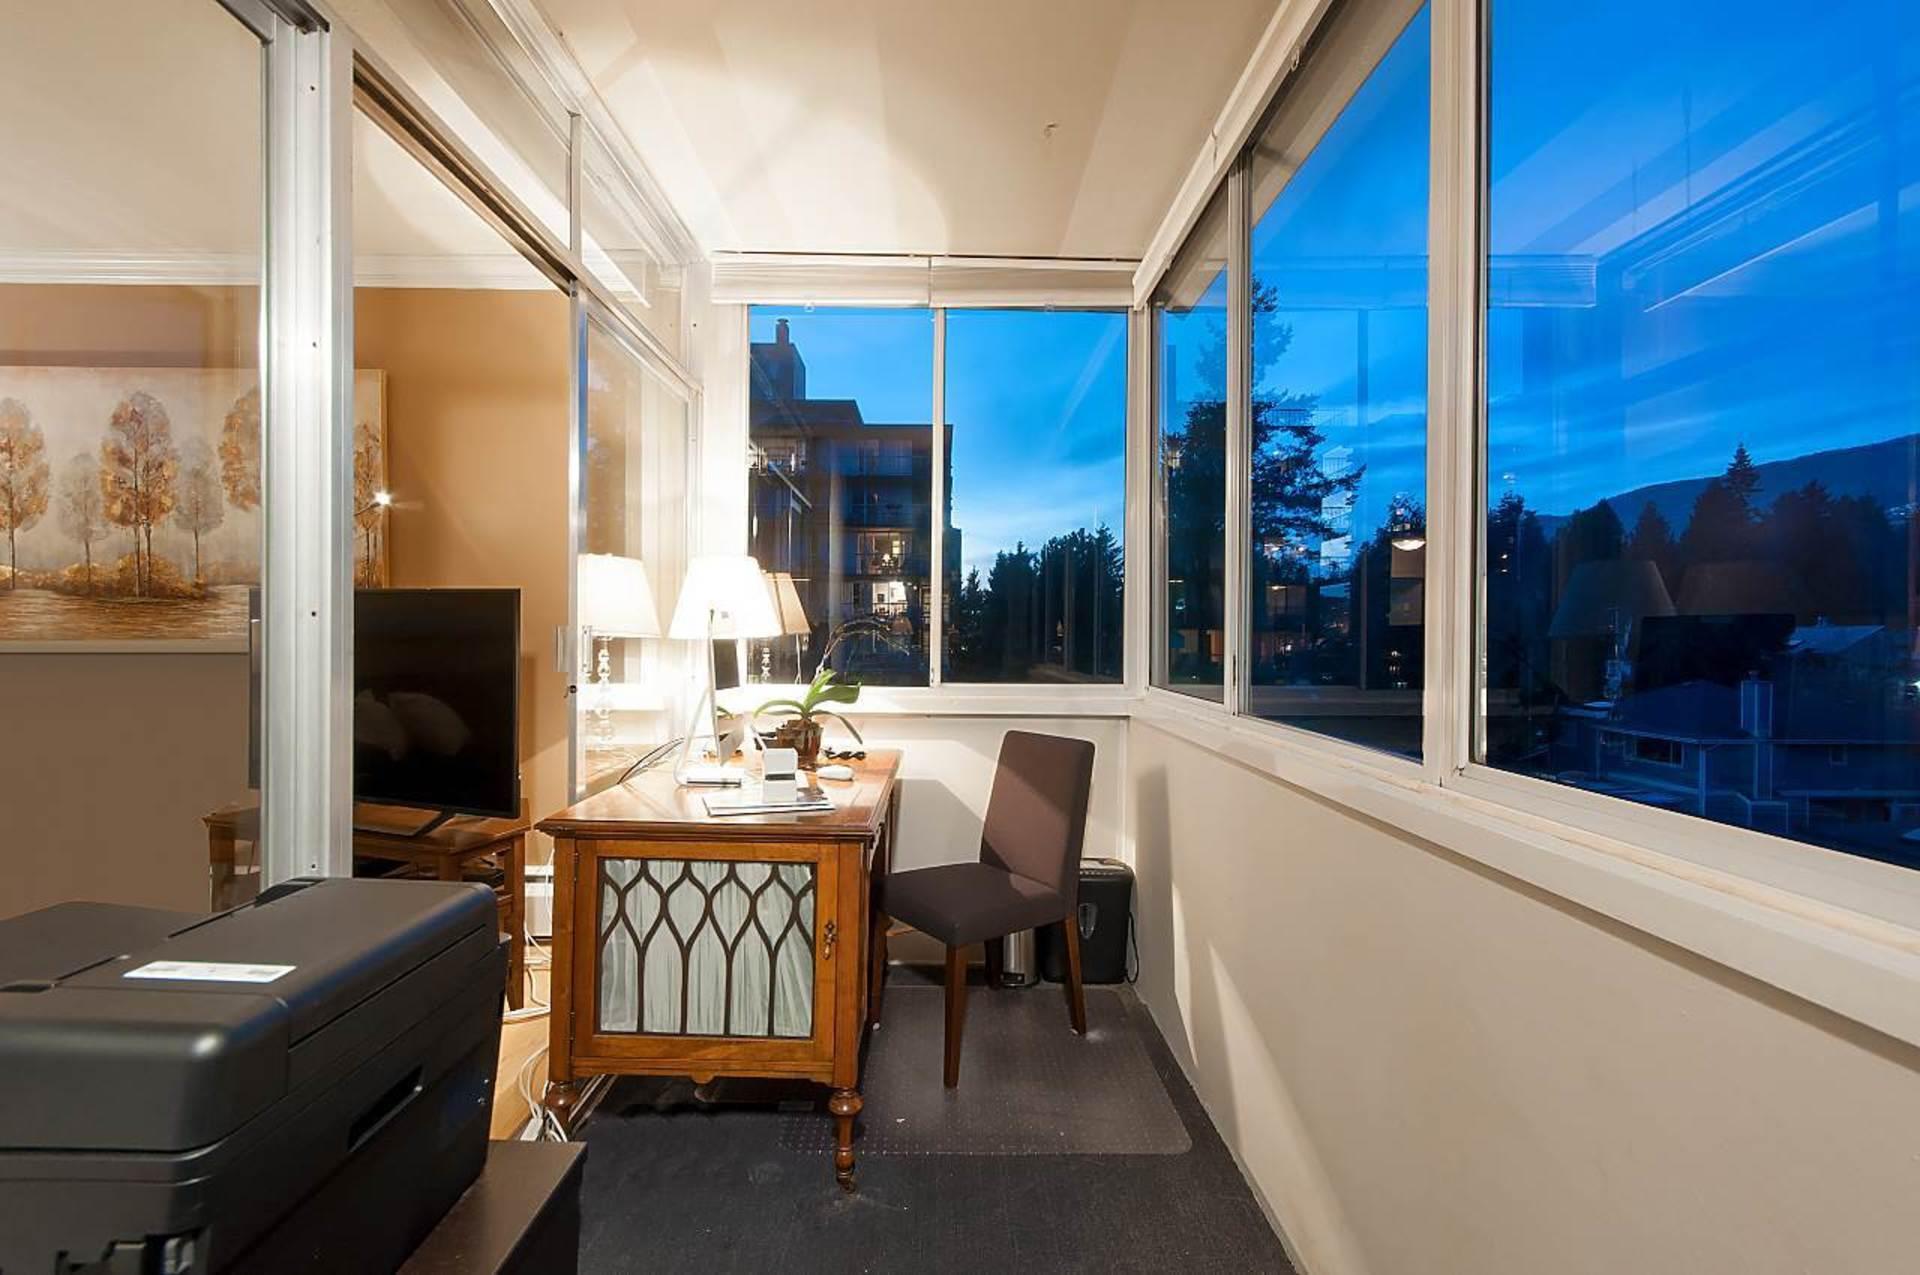 1425-esquimalt-avenue-ambleside-west-vancouver-06 at 505 - 1425 Esquimalt Avenue, Ambleside, West Vancouver